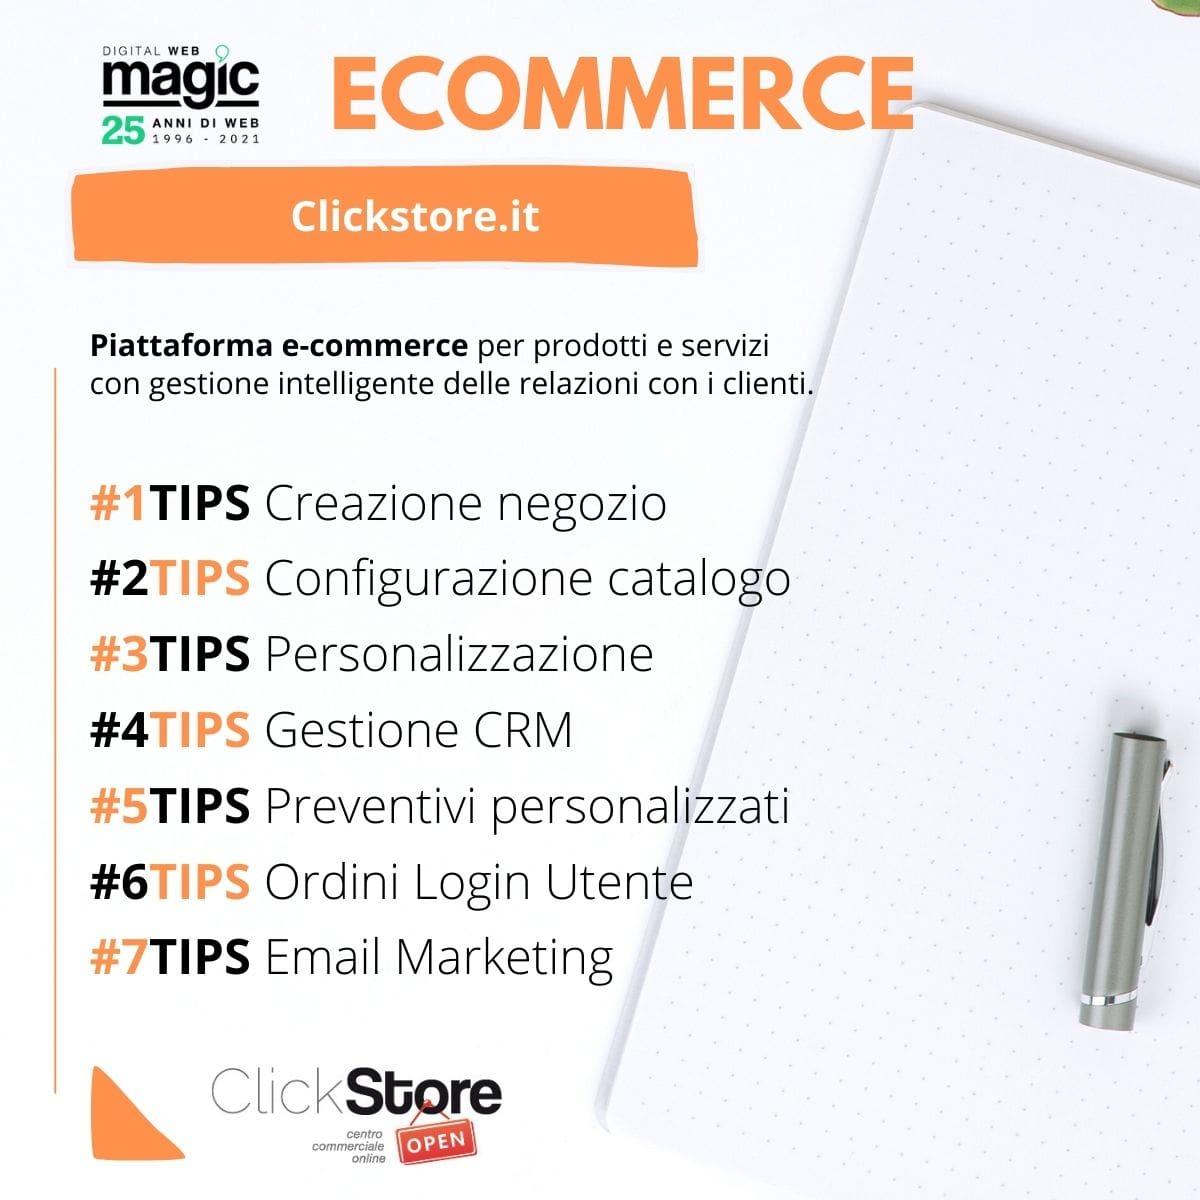 ecommerce clickstore 1 min